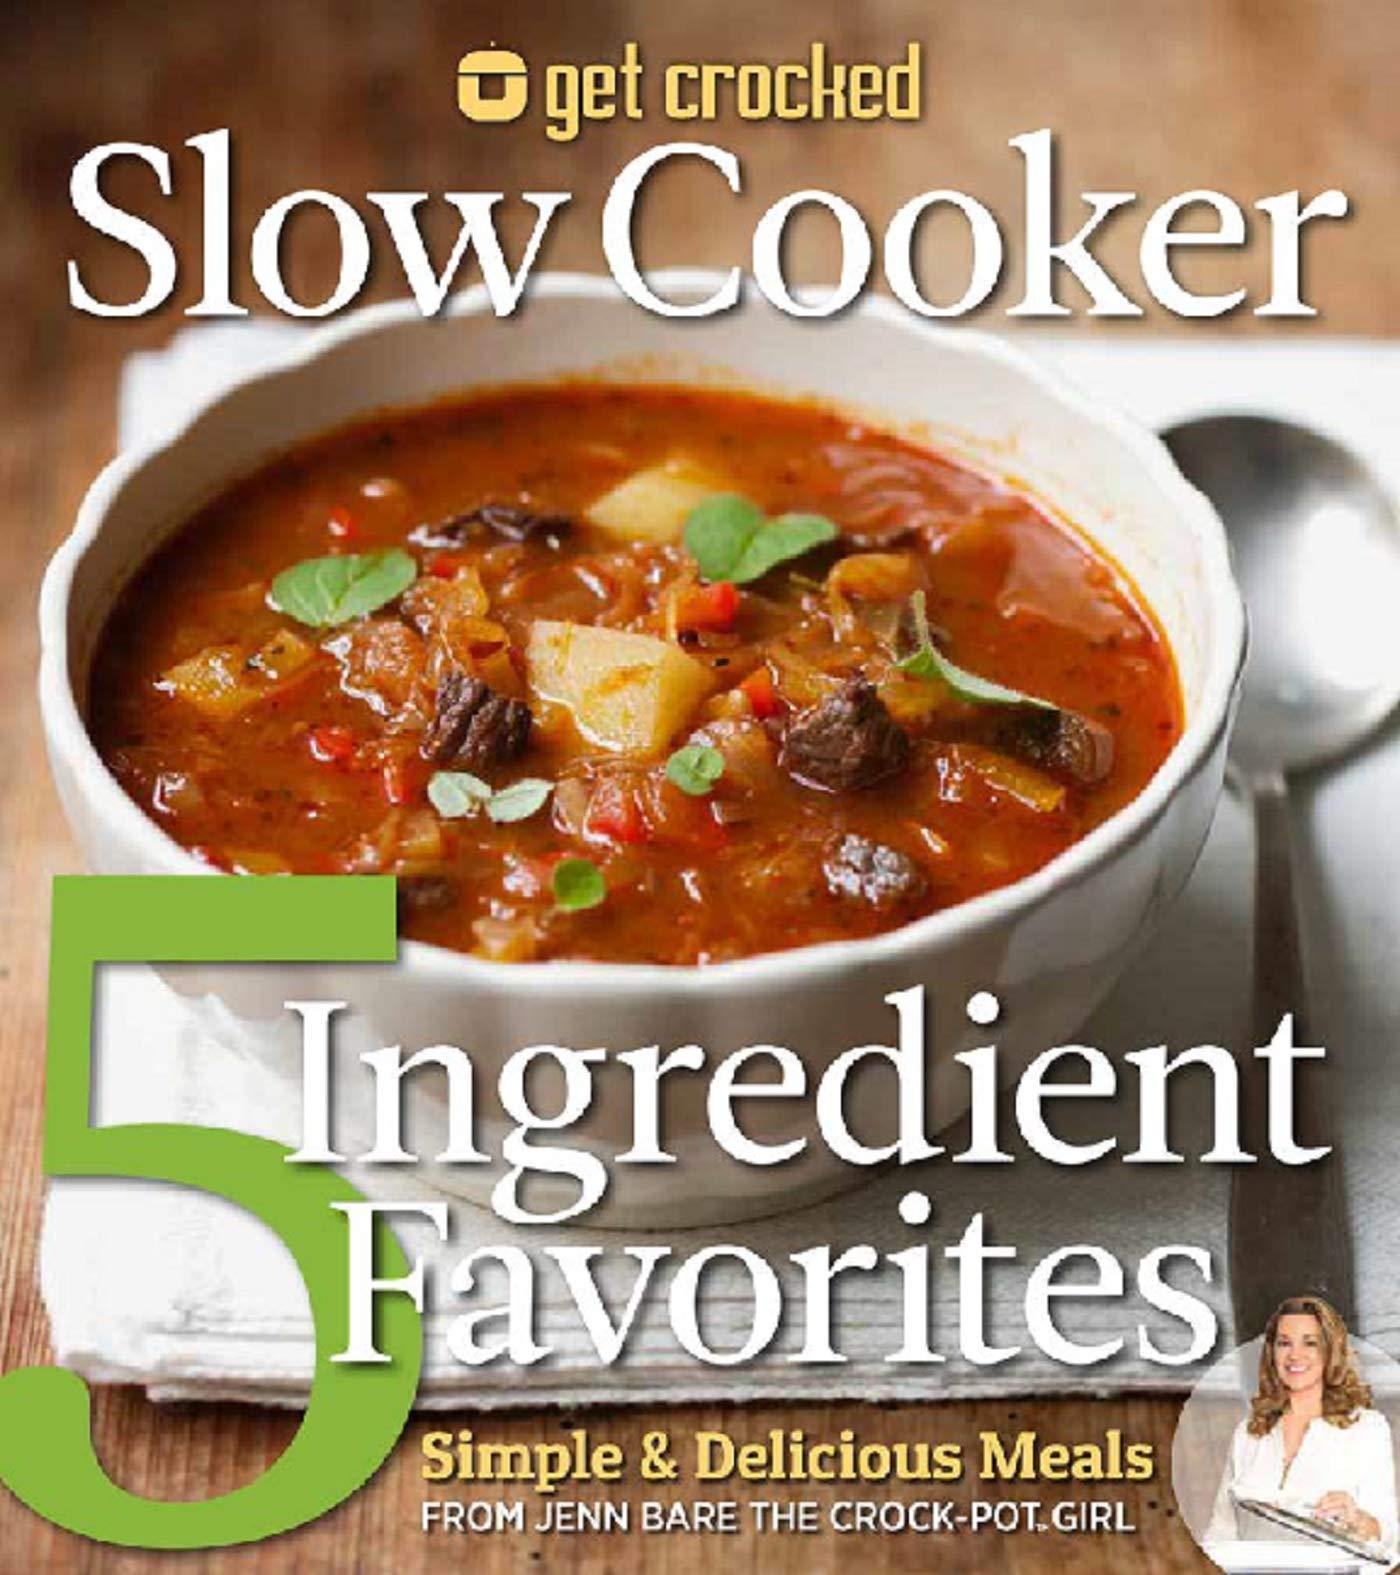 Top 10 Best 5 ingredient slow cooker cookbook Reviews